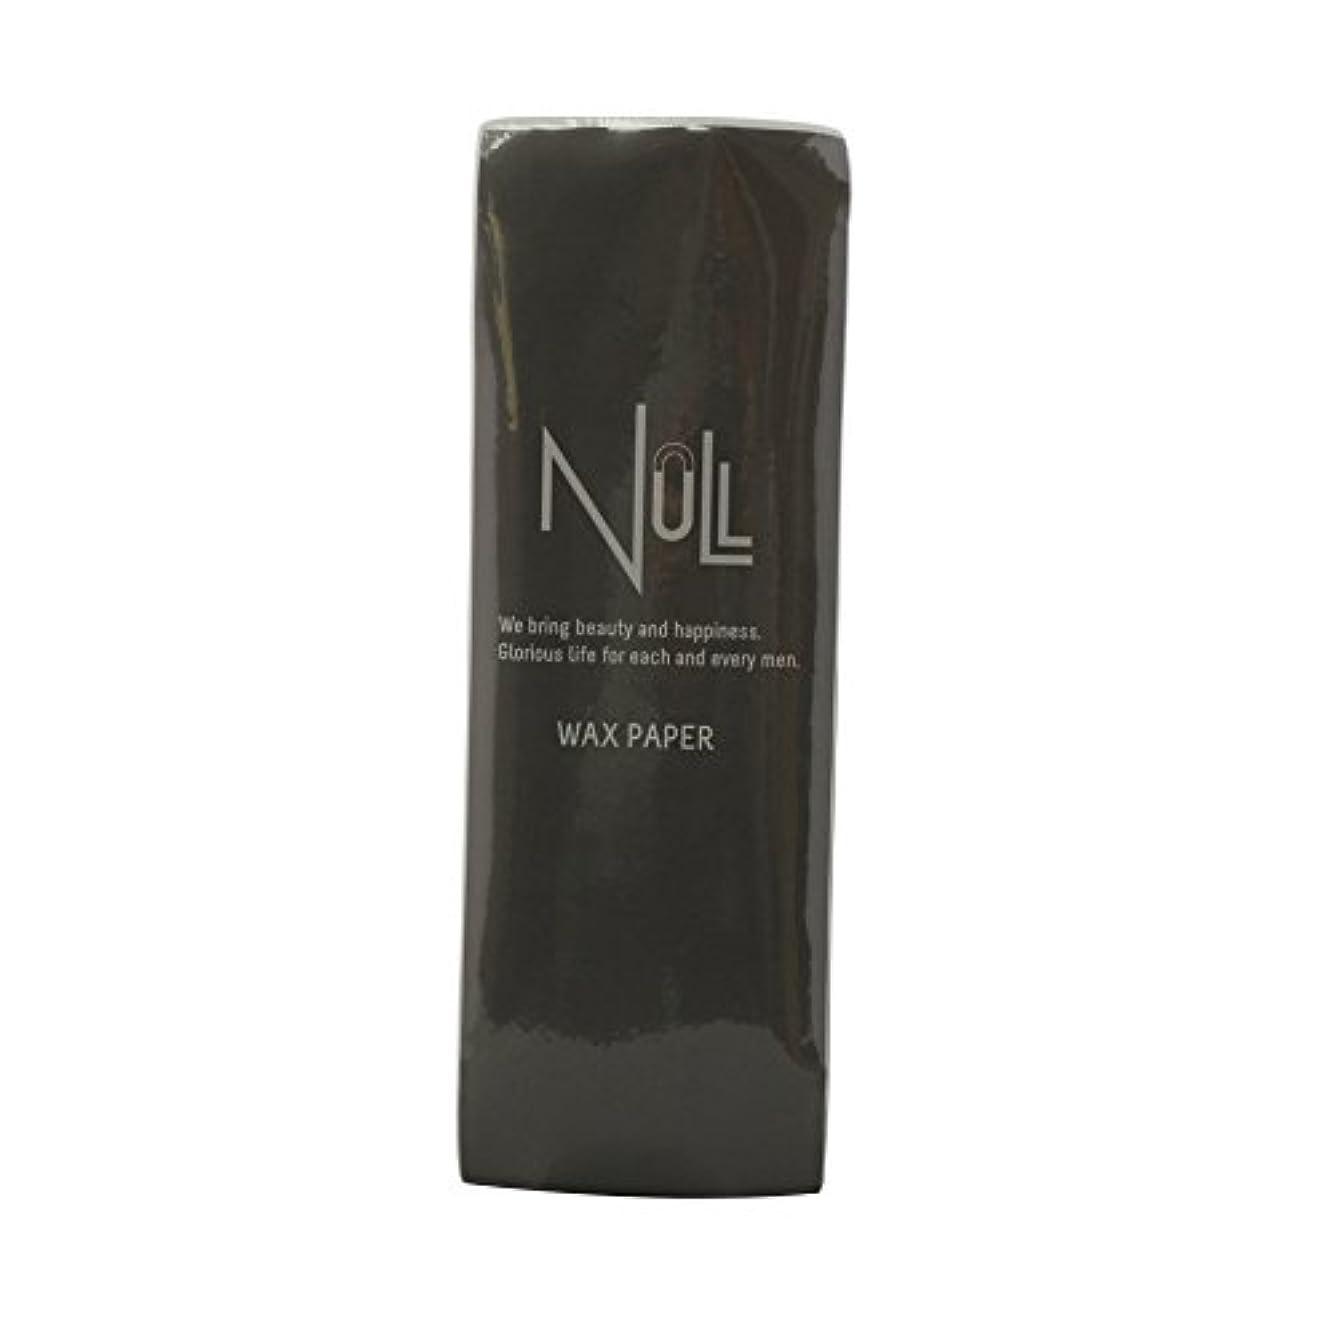 悲観的引き受ける昇るNULL ブラジリアンワックス用ペーパー 100枚入り 70mm幅 ワックス脱毛 専用